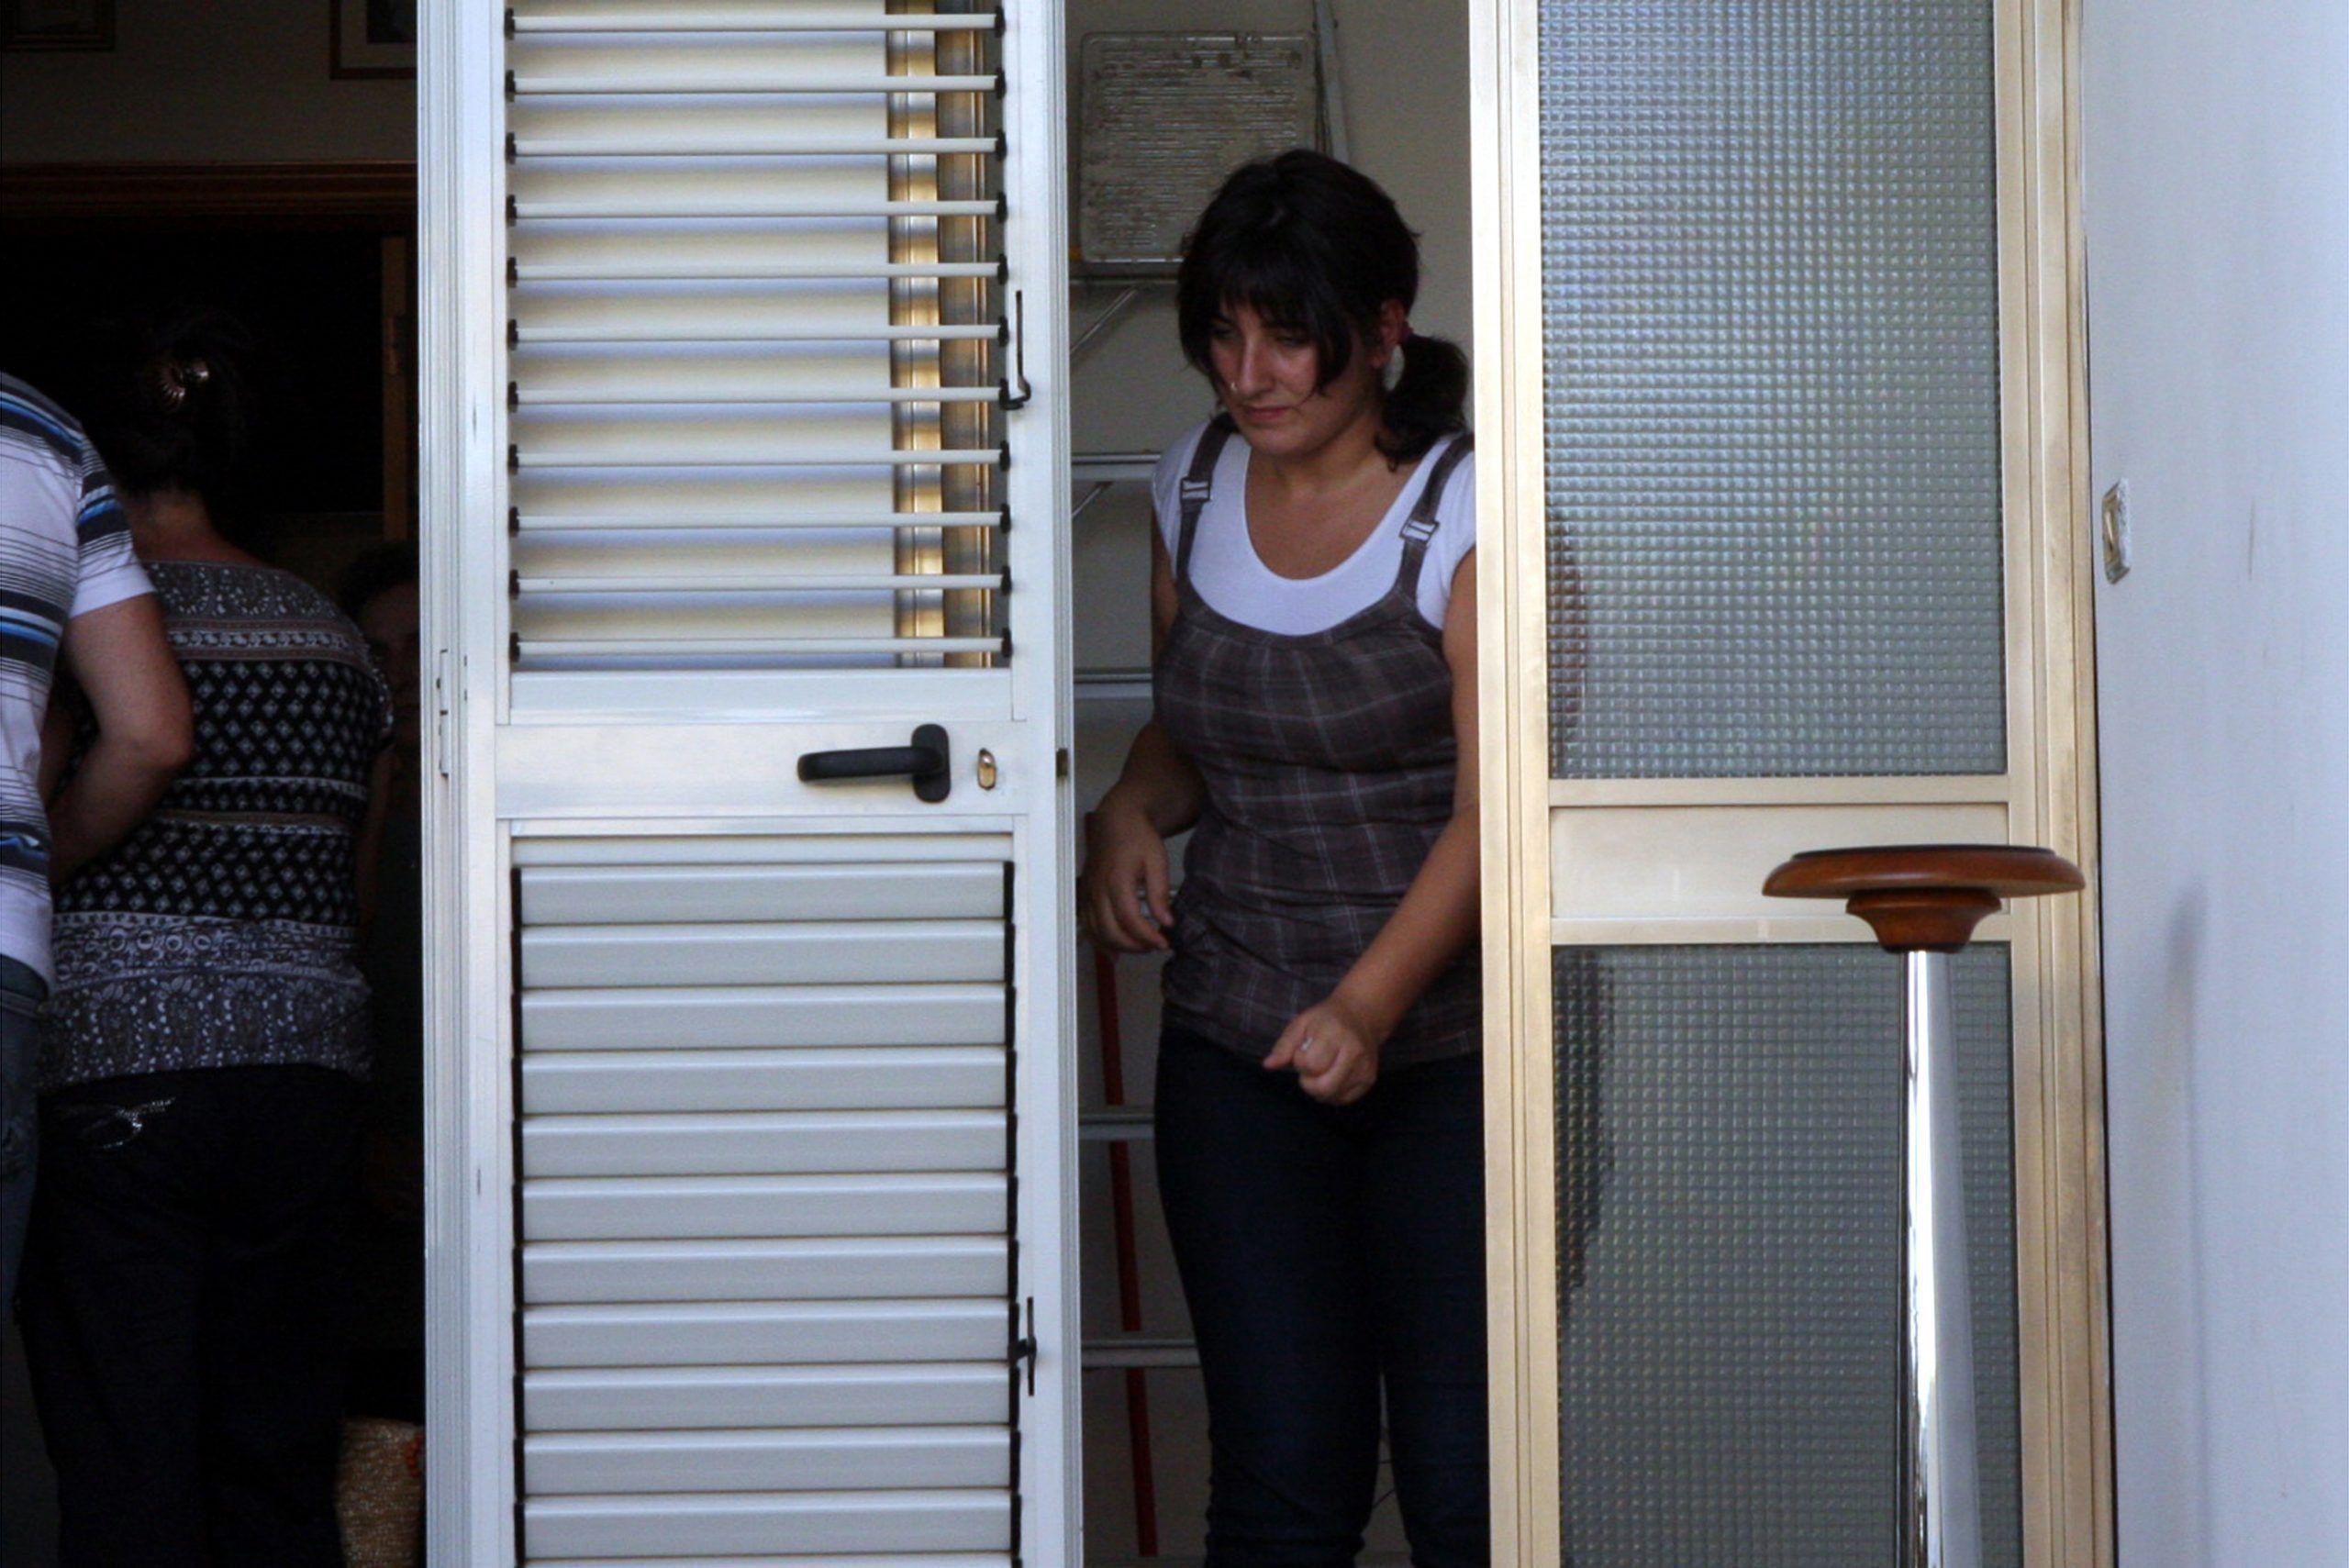 Sabrina Misseri accusata insieme al padre Michele Misseri dell'omicidio di Sarah Scazzi